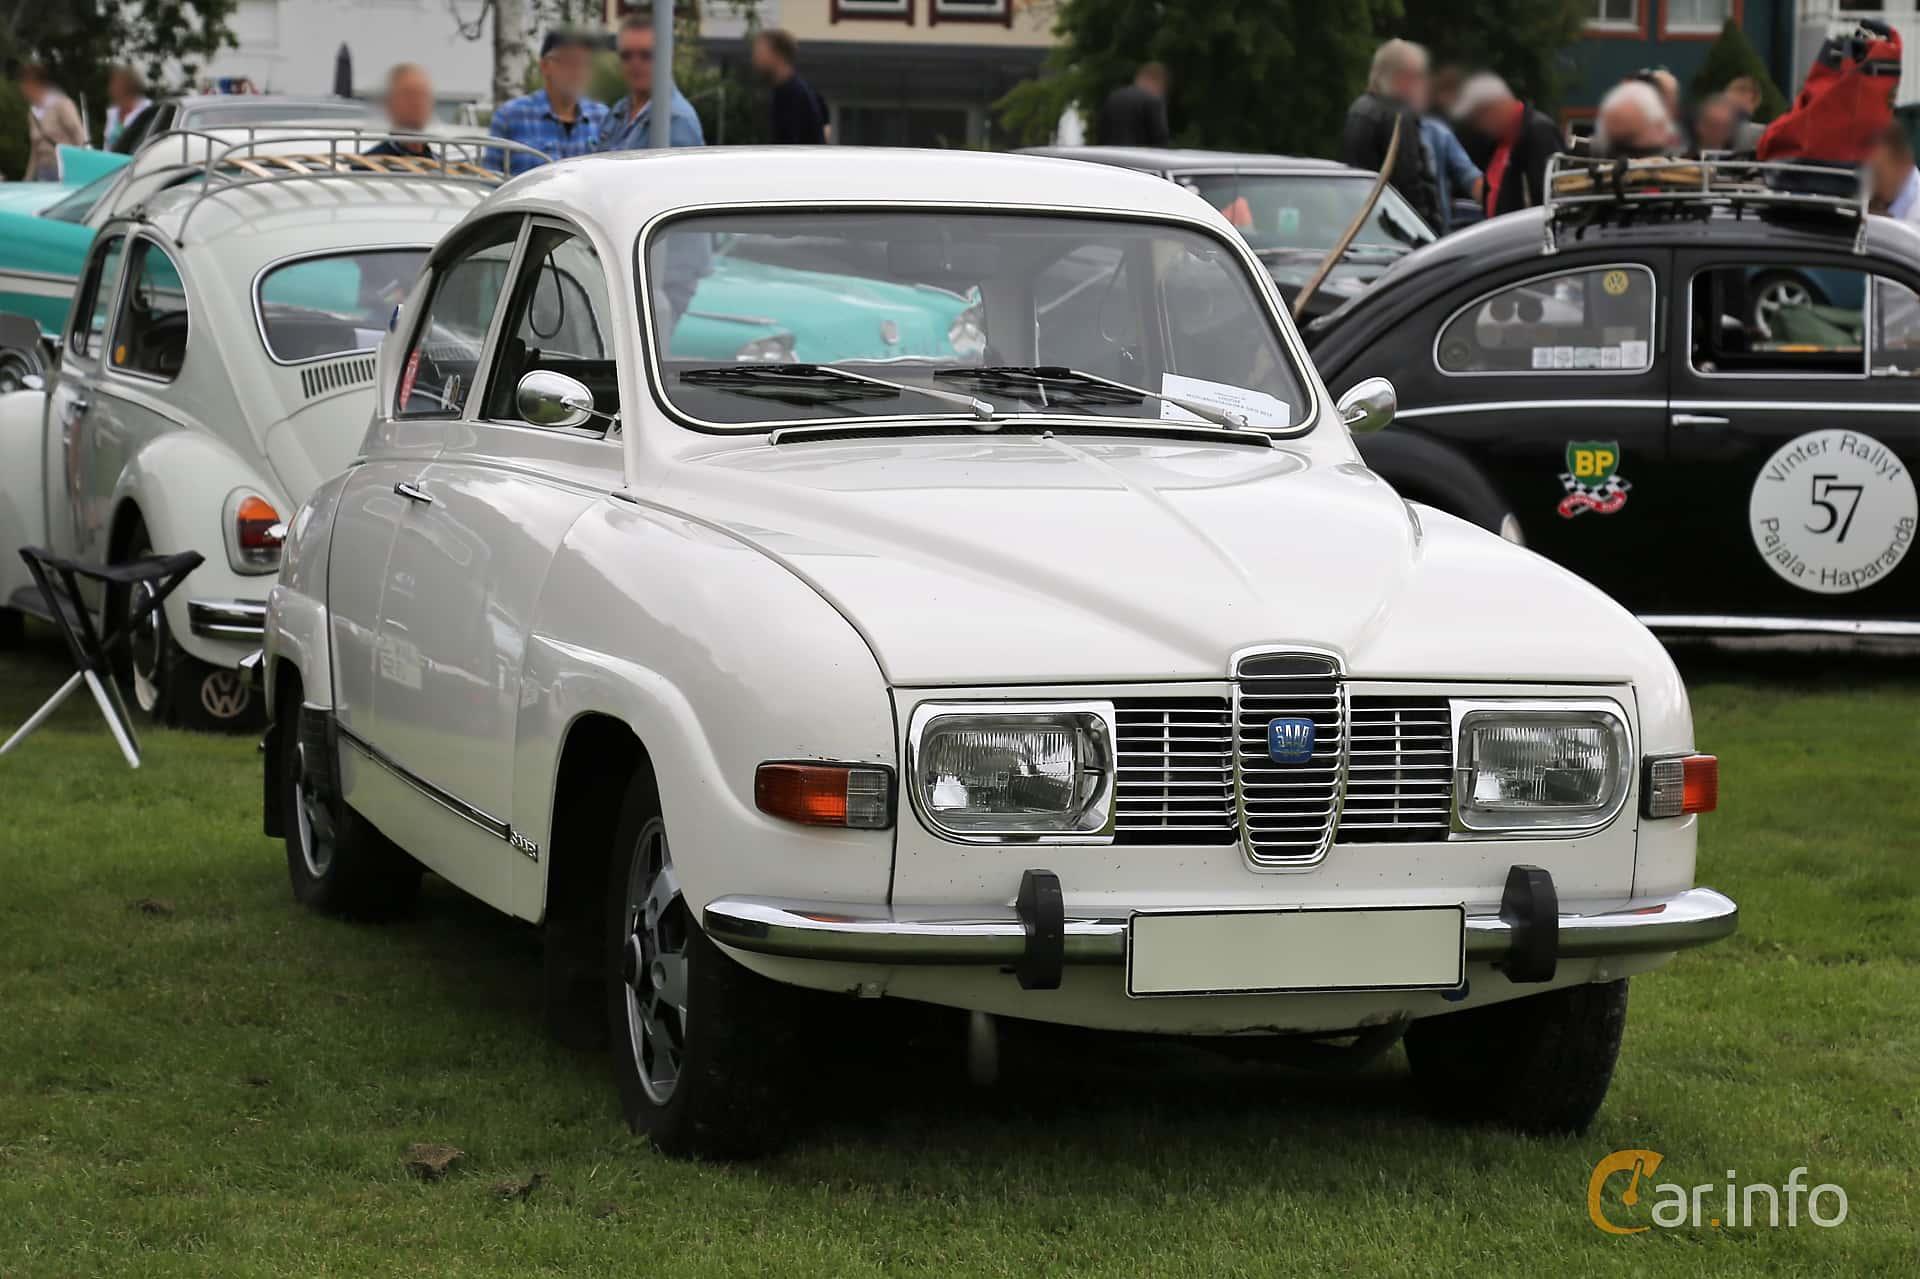 Saab 96 1.5 V4 Manual, 65hp, 1973 at Lödöse motornostalgiska dag 2019